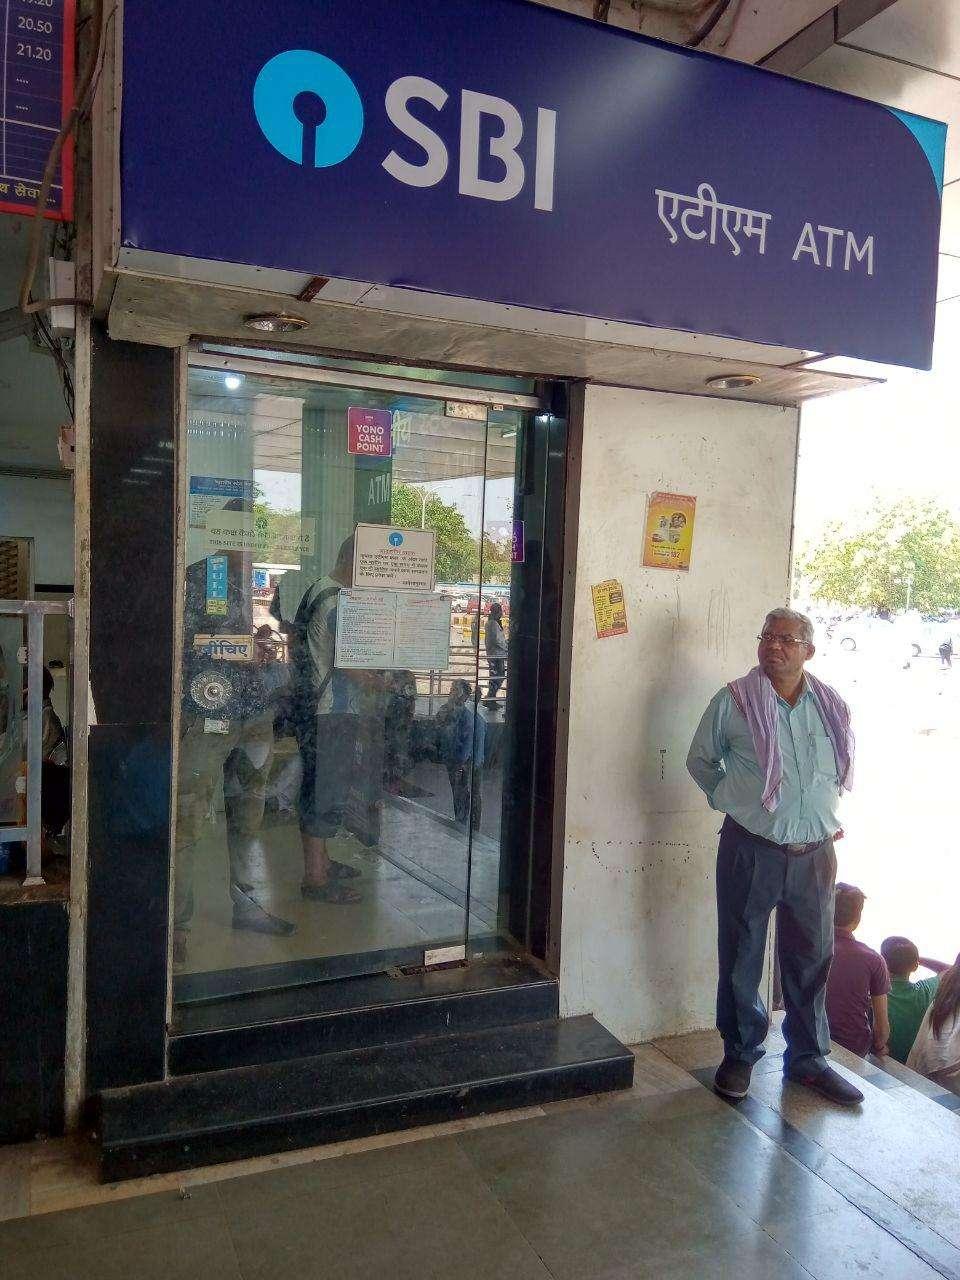 ATM kharab